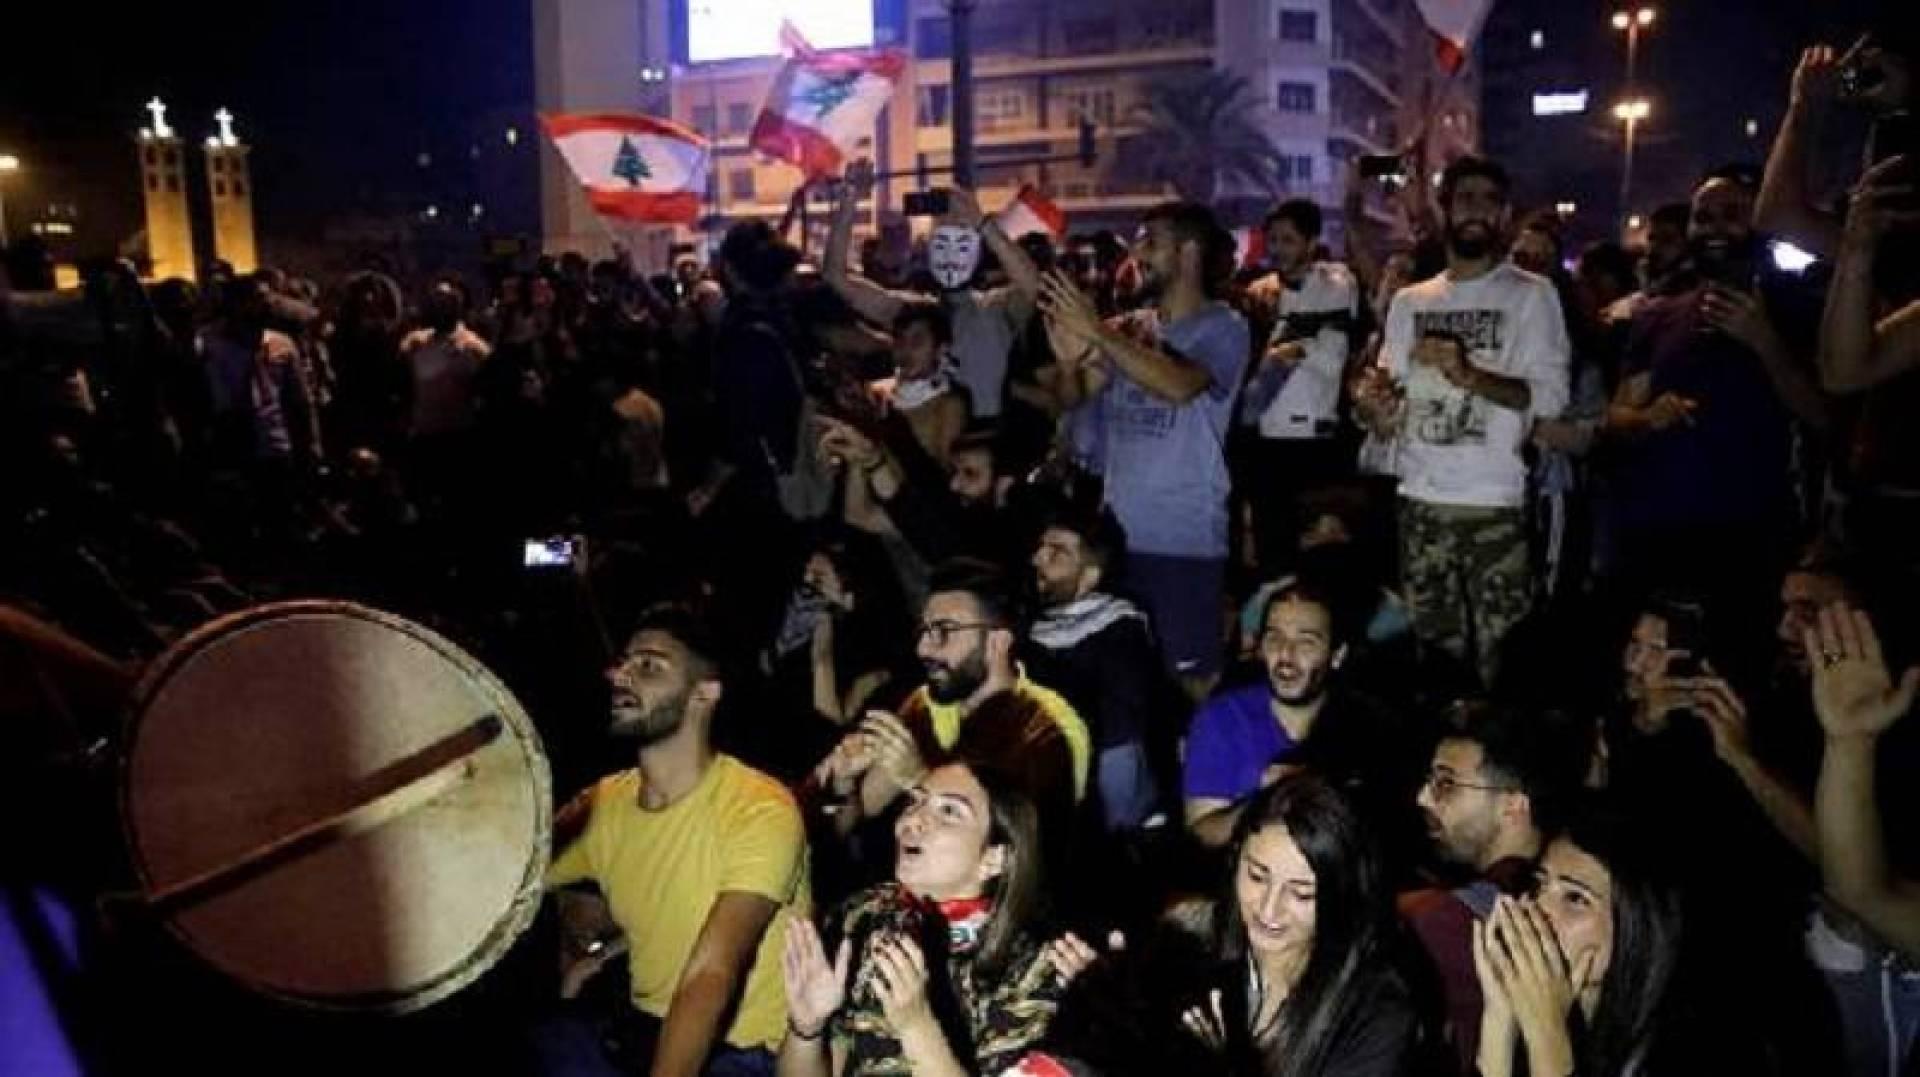 مئات المتظاهرين يتجمعون أمام بلدية بيروت استعداداً للتظاهر